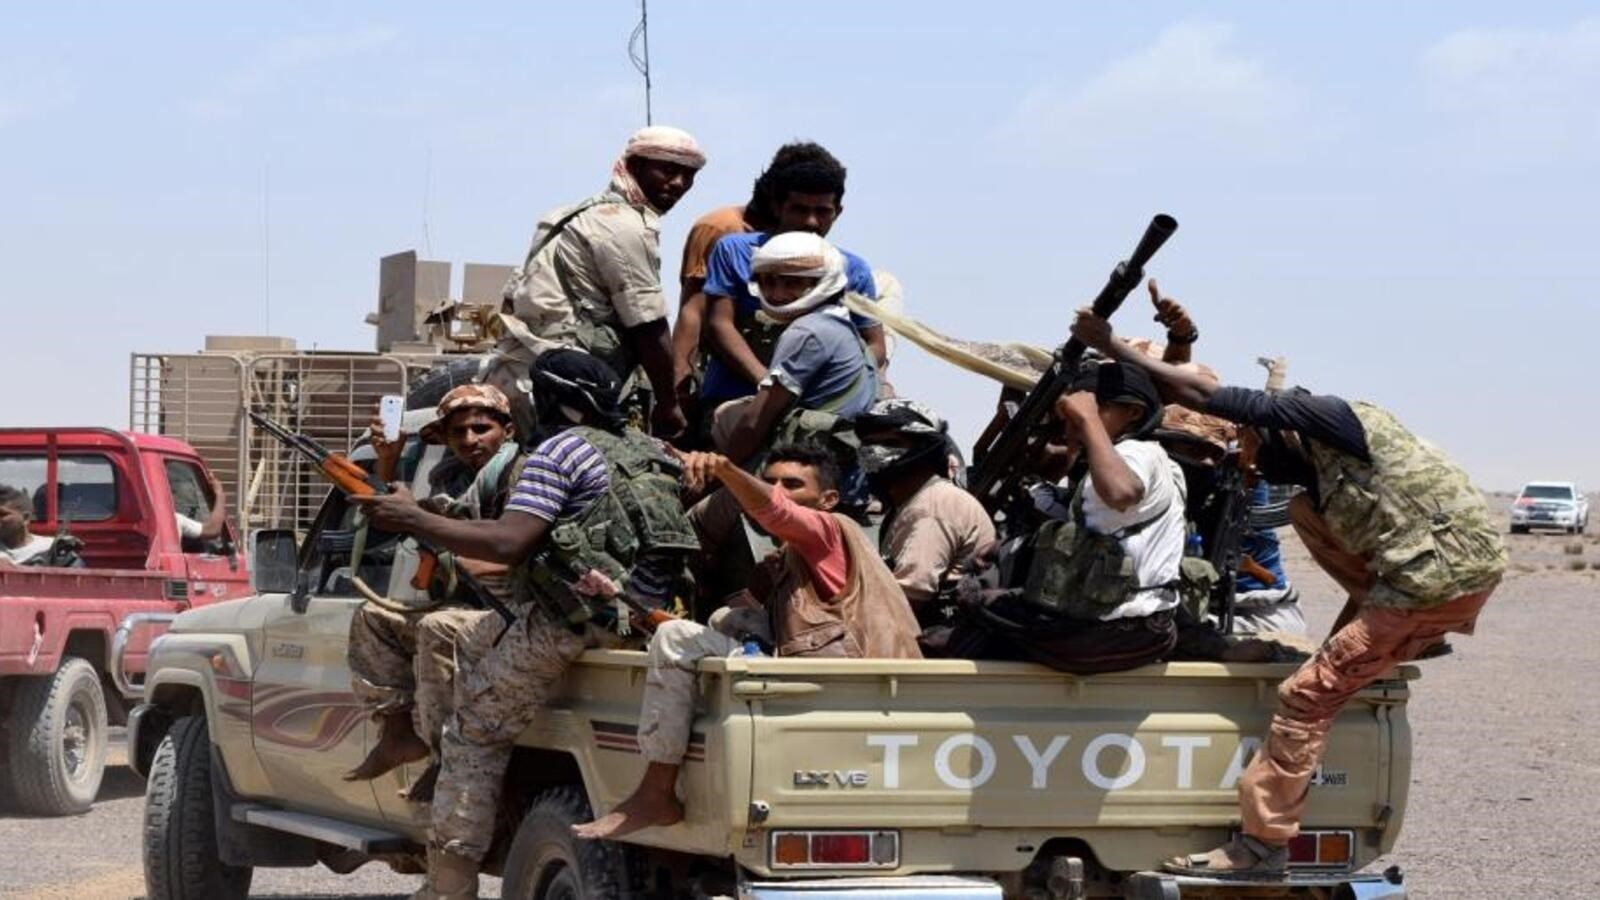 """حكومة صنعاء: قوات هادي تستقدم عناصر من تنظيم """"القاعدة"""" في محافظة البيضاء"""